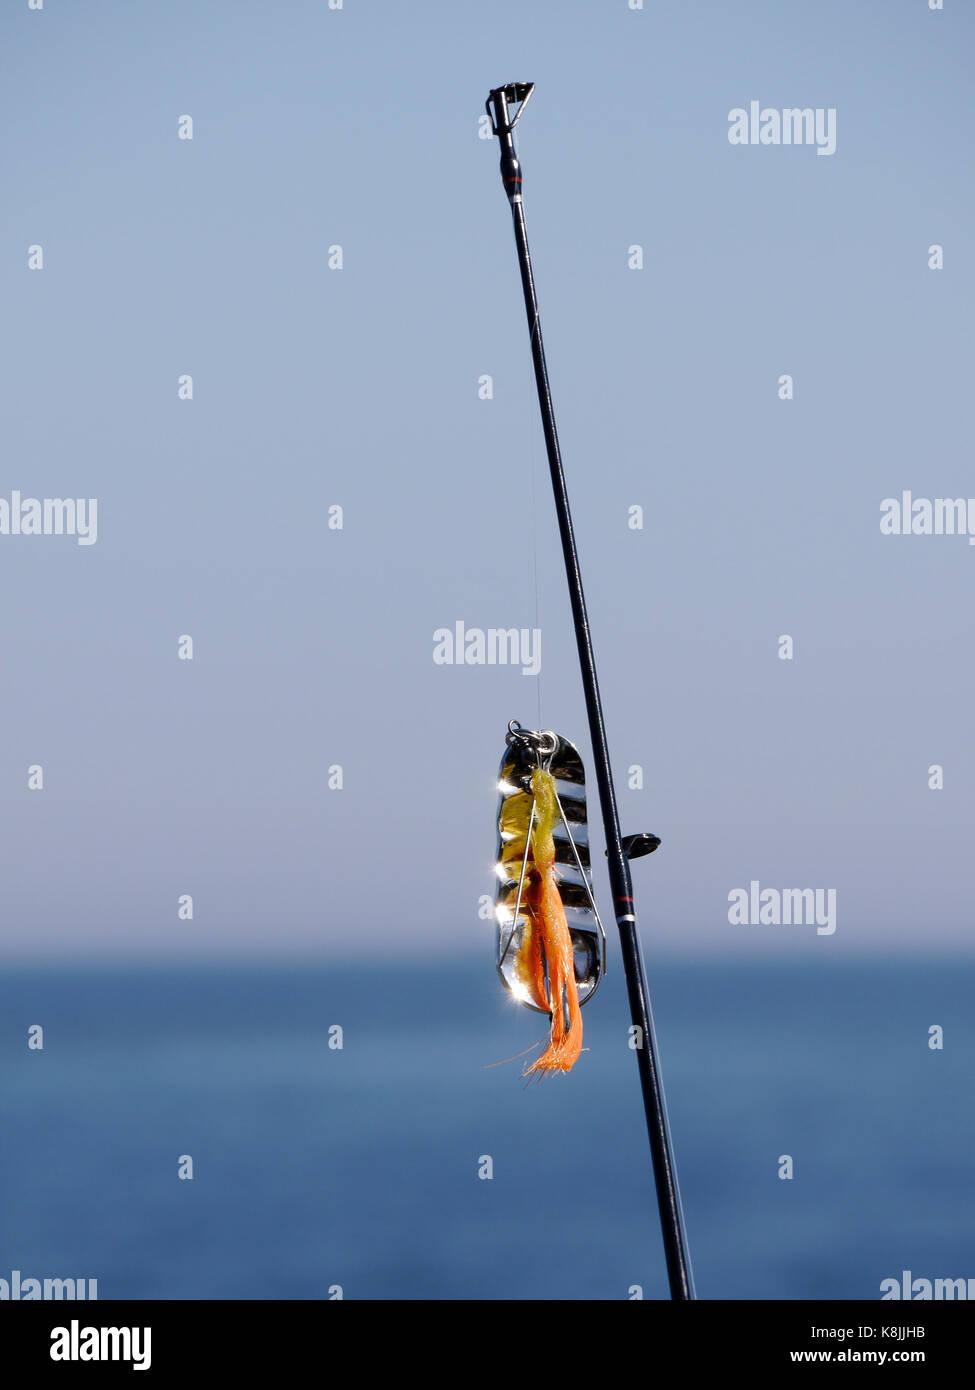 Canne à pêche avec lure, à l'extérieur de Räfsnäs, près de Gräddö. Rådmansö, dans l'archipel de Roslagen à Stockholm, en Suède. Banque D'Images